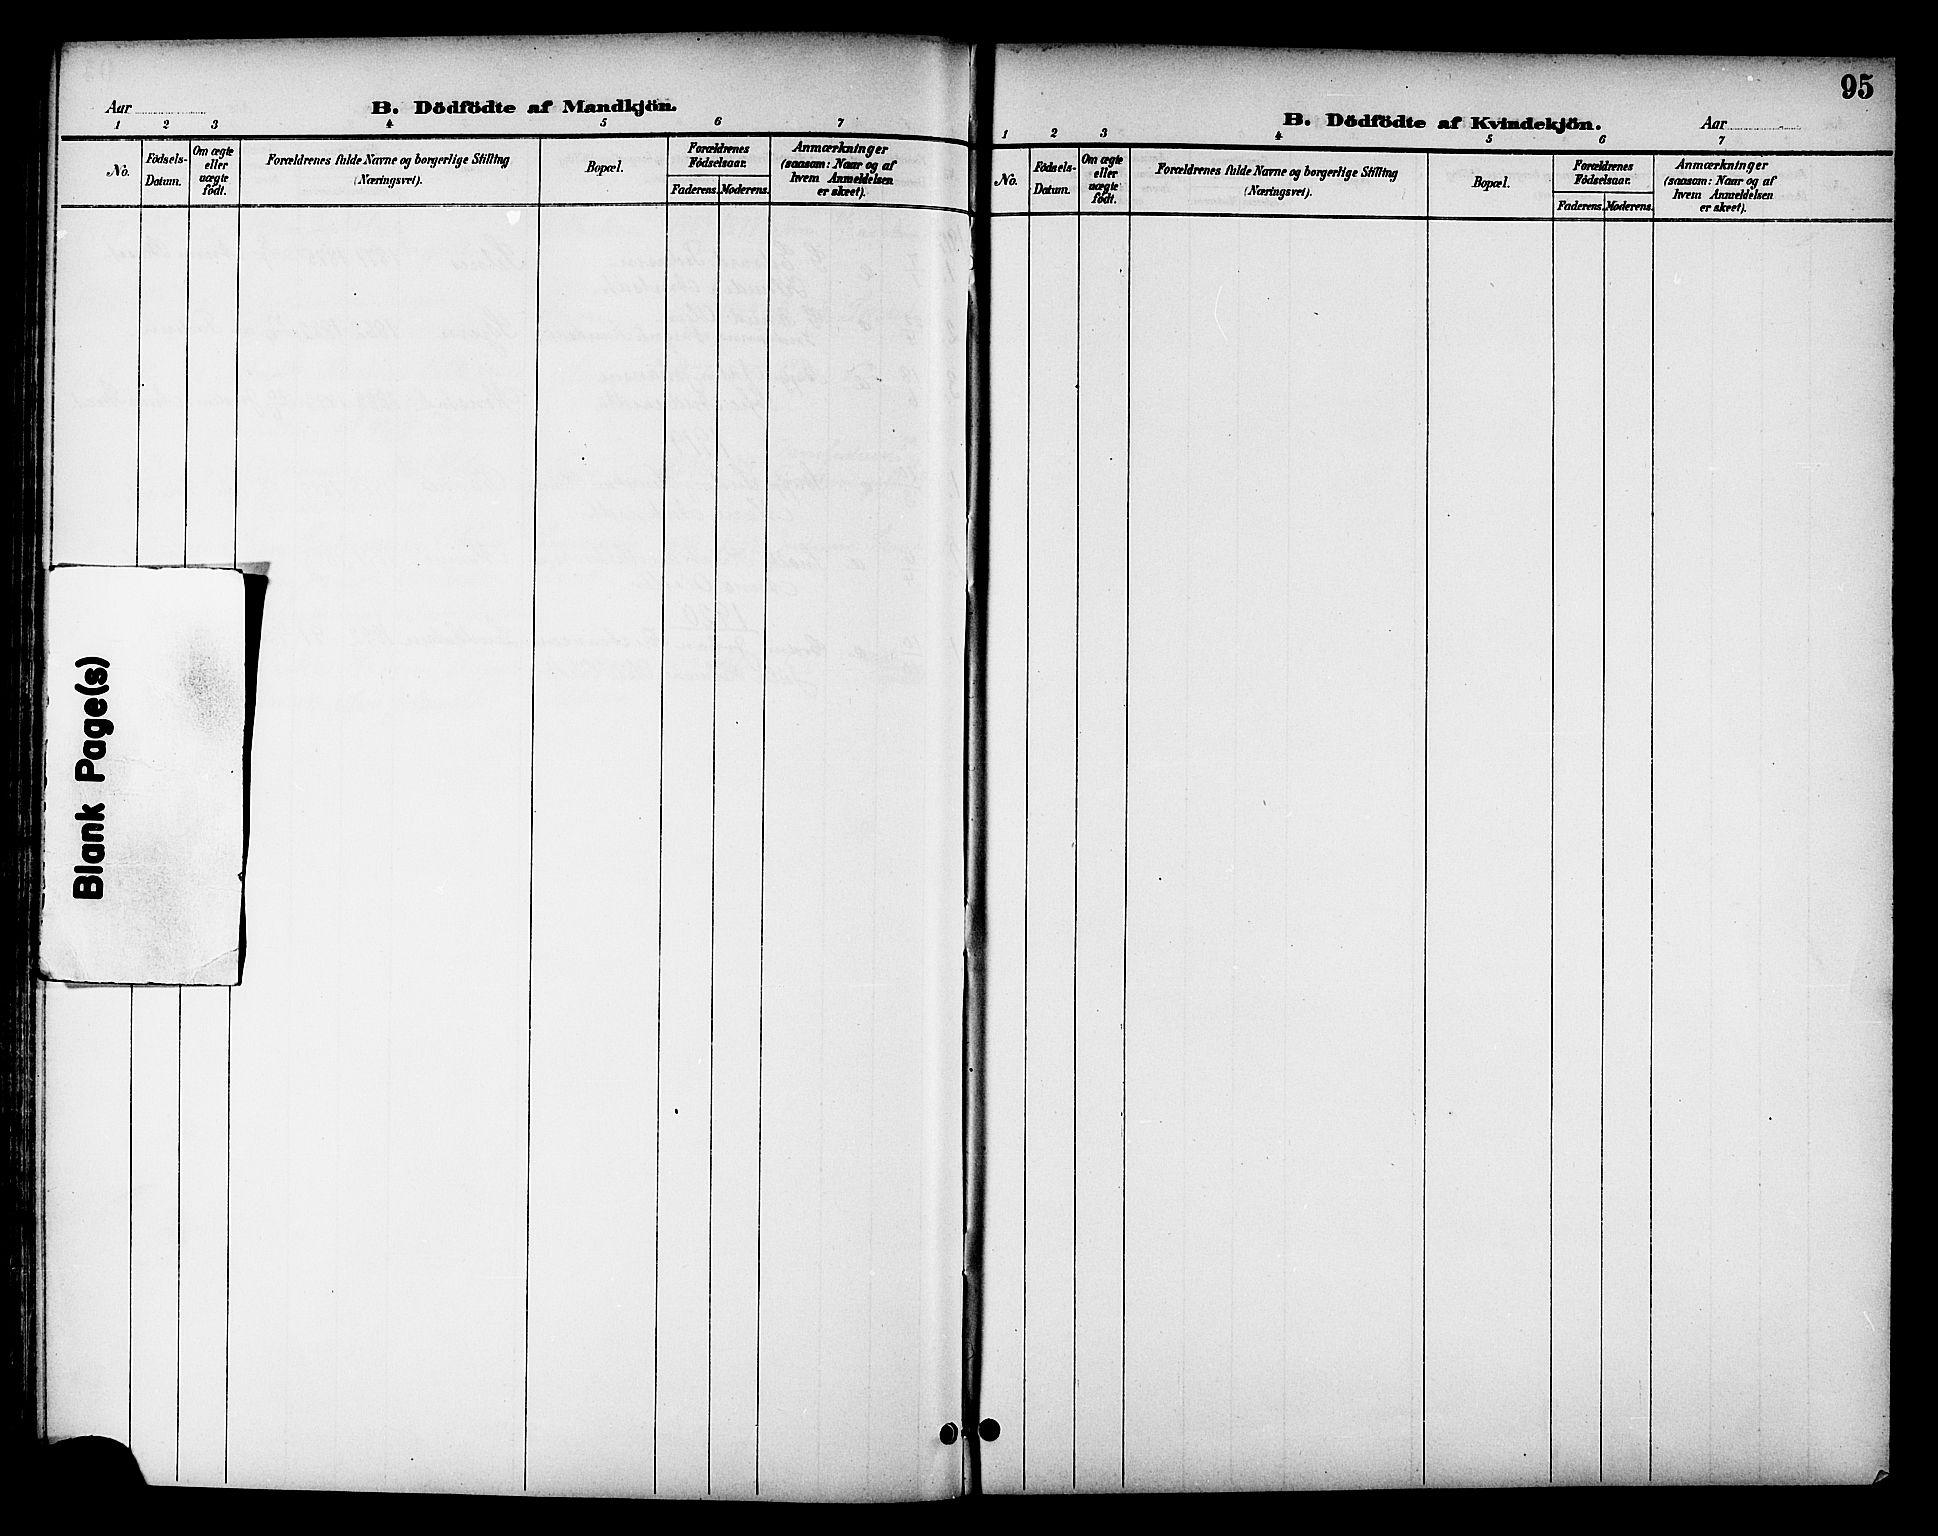 SAT, Ministerialprotokoller, klokkerbøker og fødselsregistre - Sør-Trøndelag, 655/L0688: Klokkerbok nr. 655C04, 1899-1922, s. 95